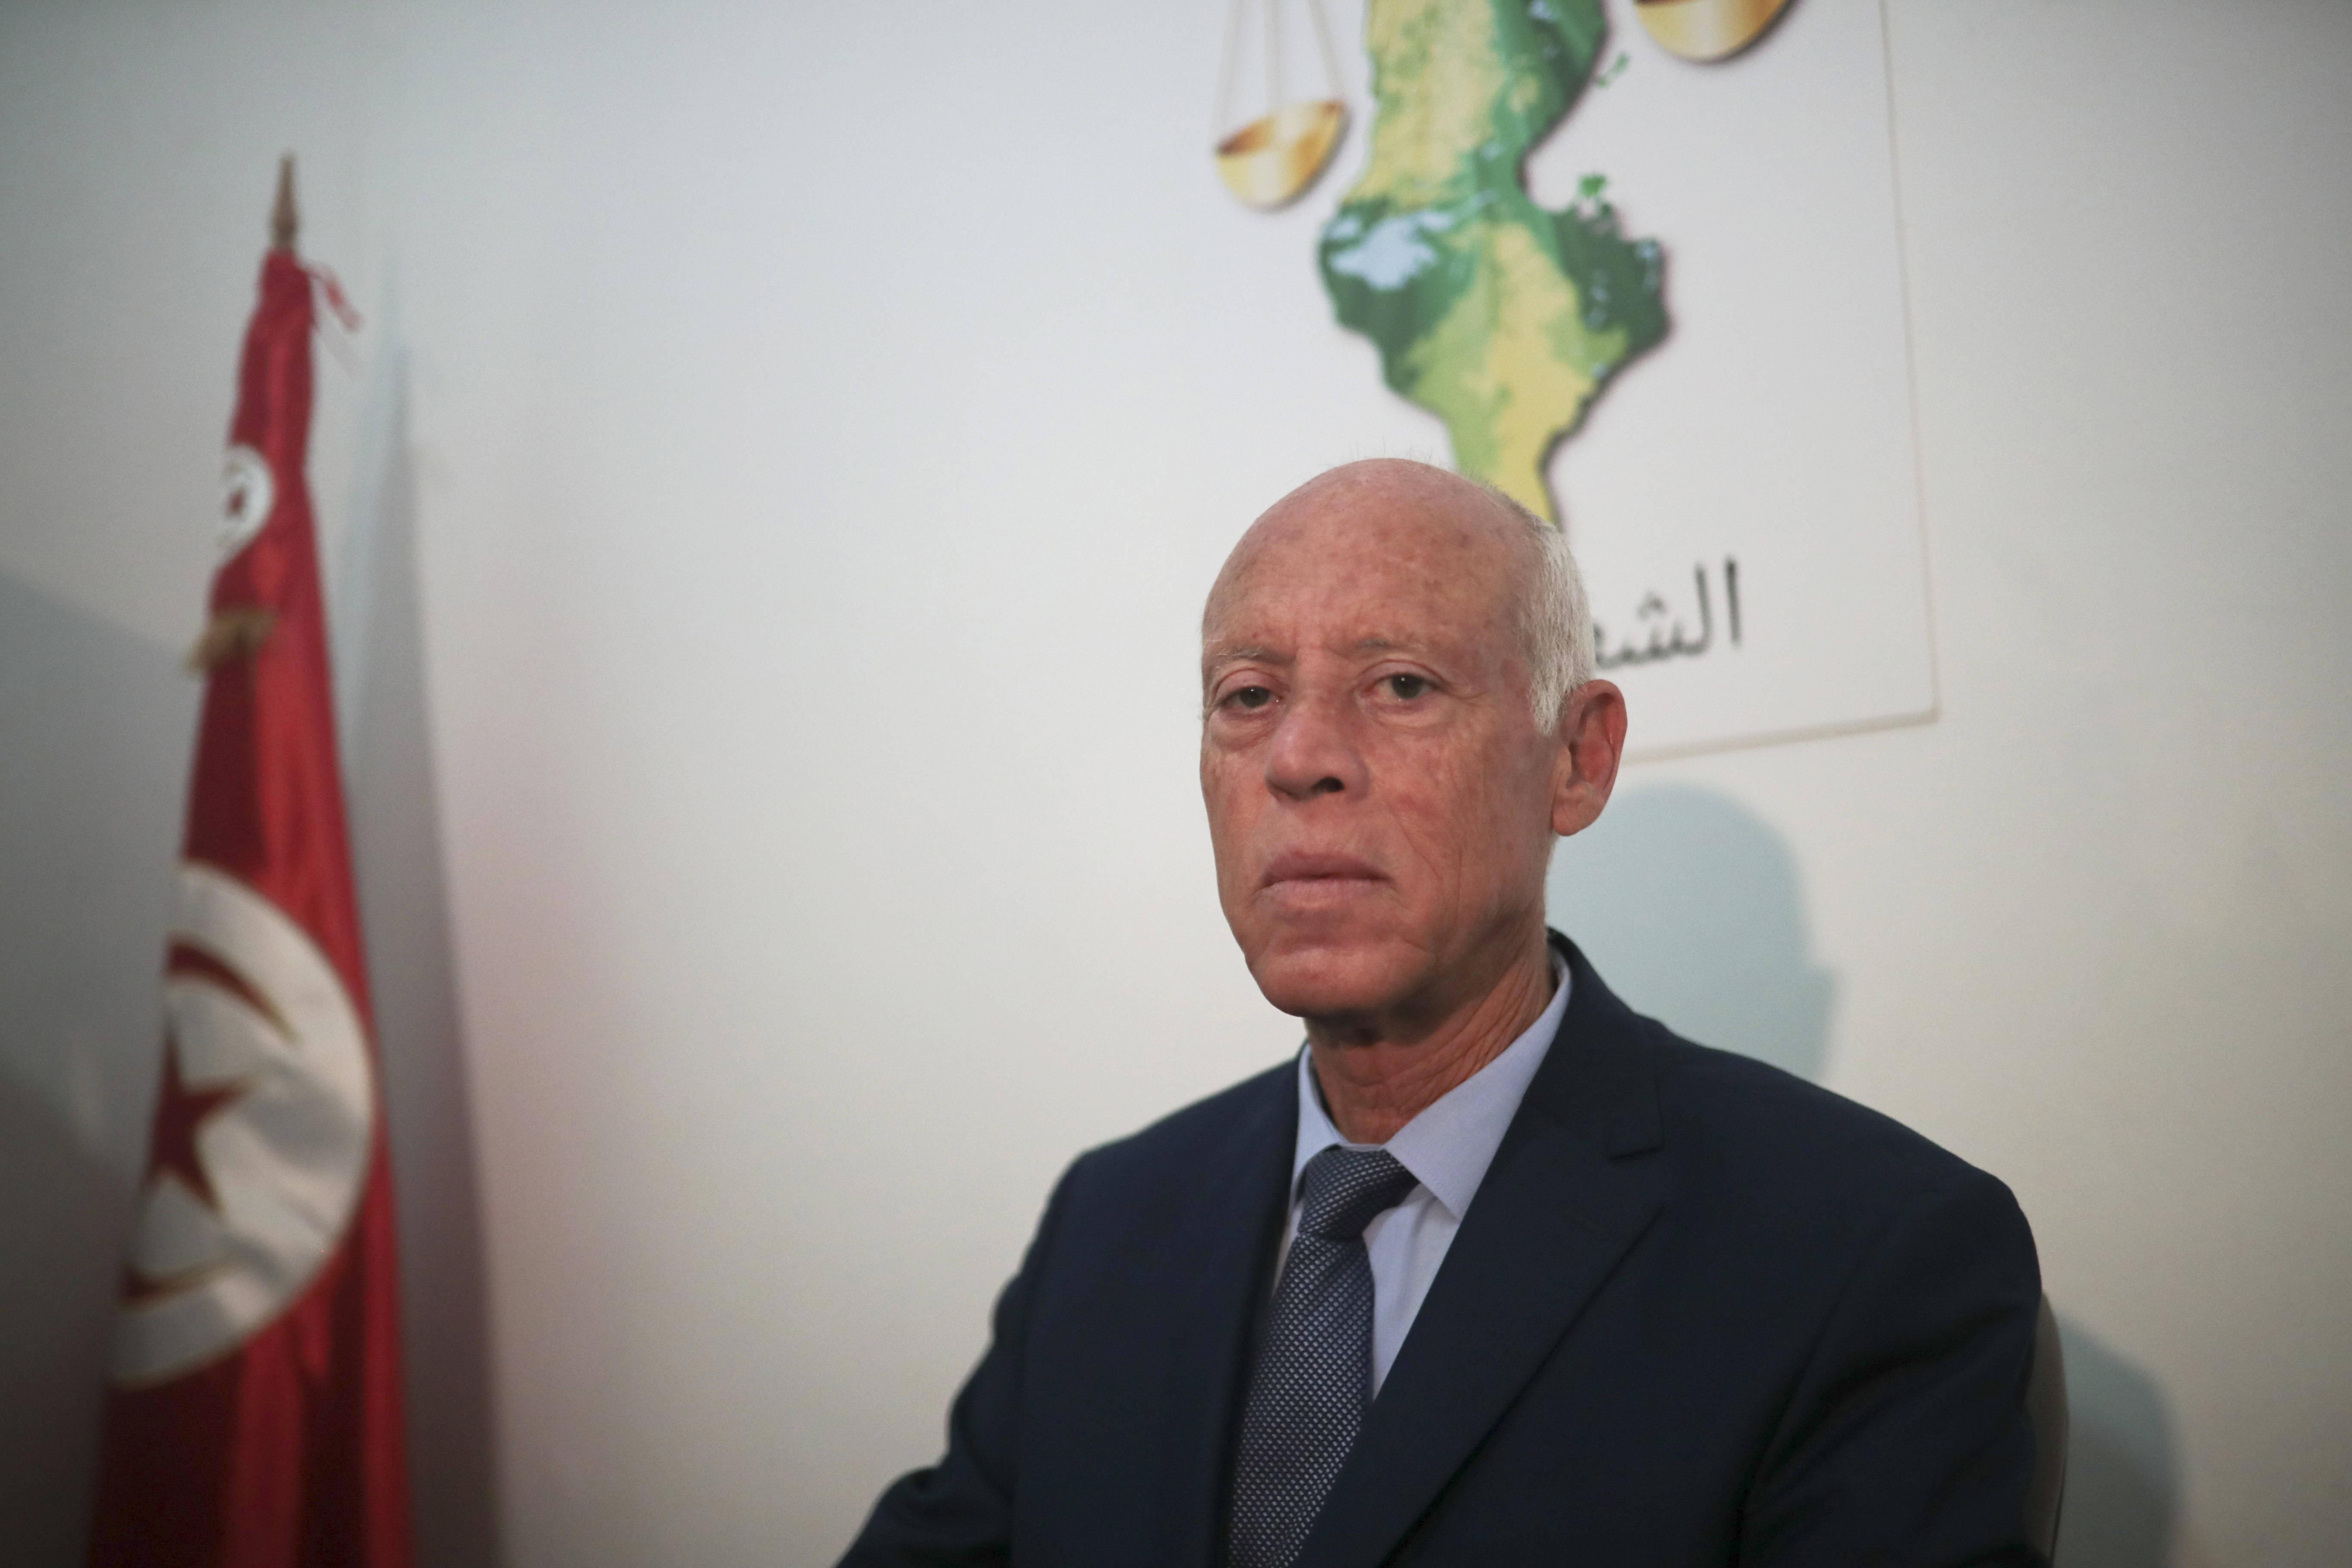 Kaïs Saïed, vainqueur du premier tour de l'élection présidentielle tunisienne, mardi 17 septembre 2019 à Tunis.